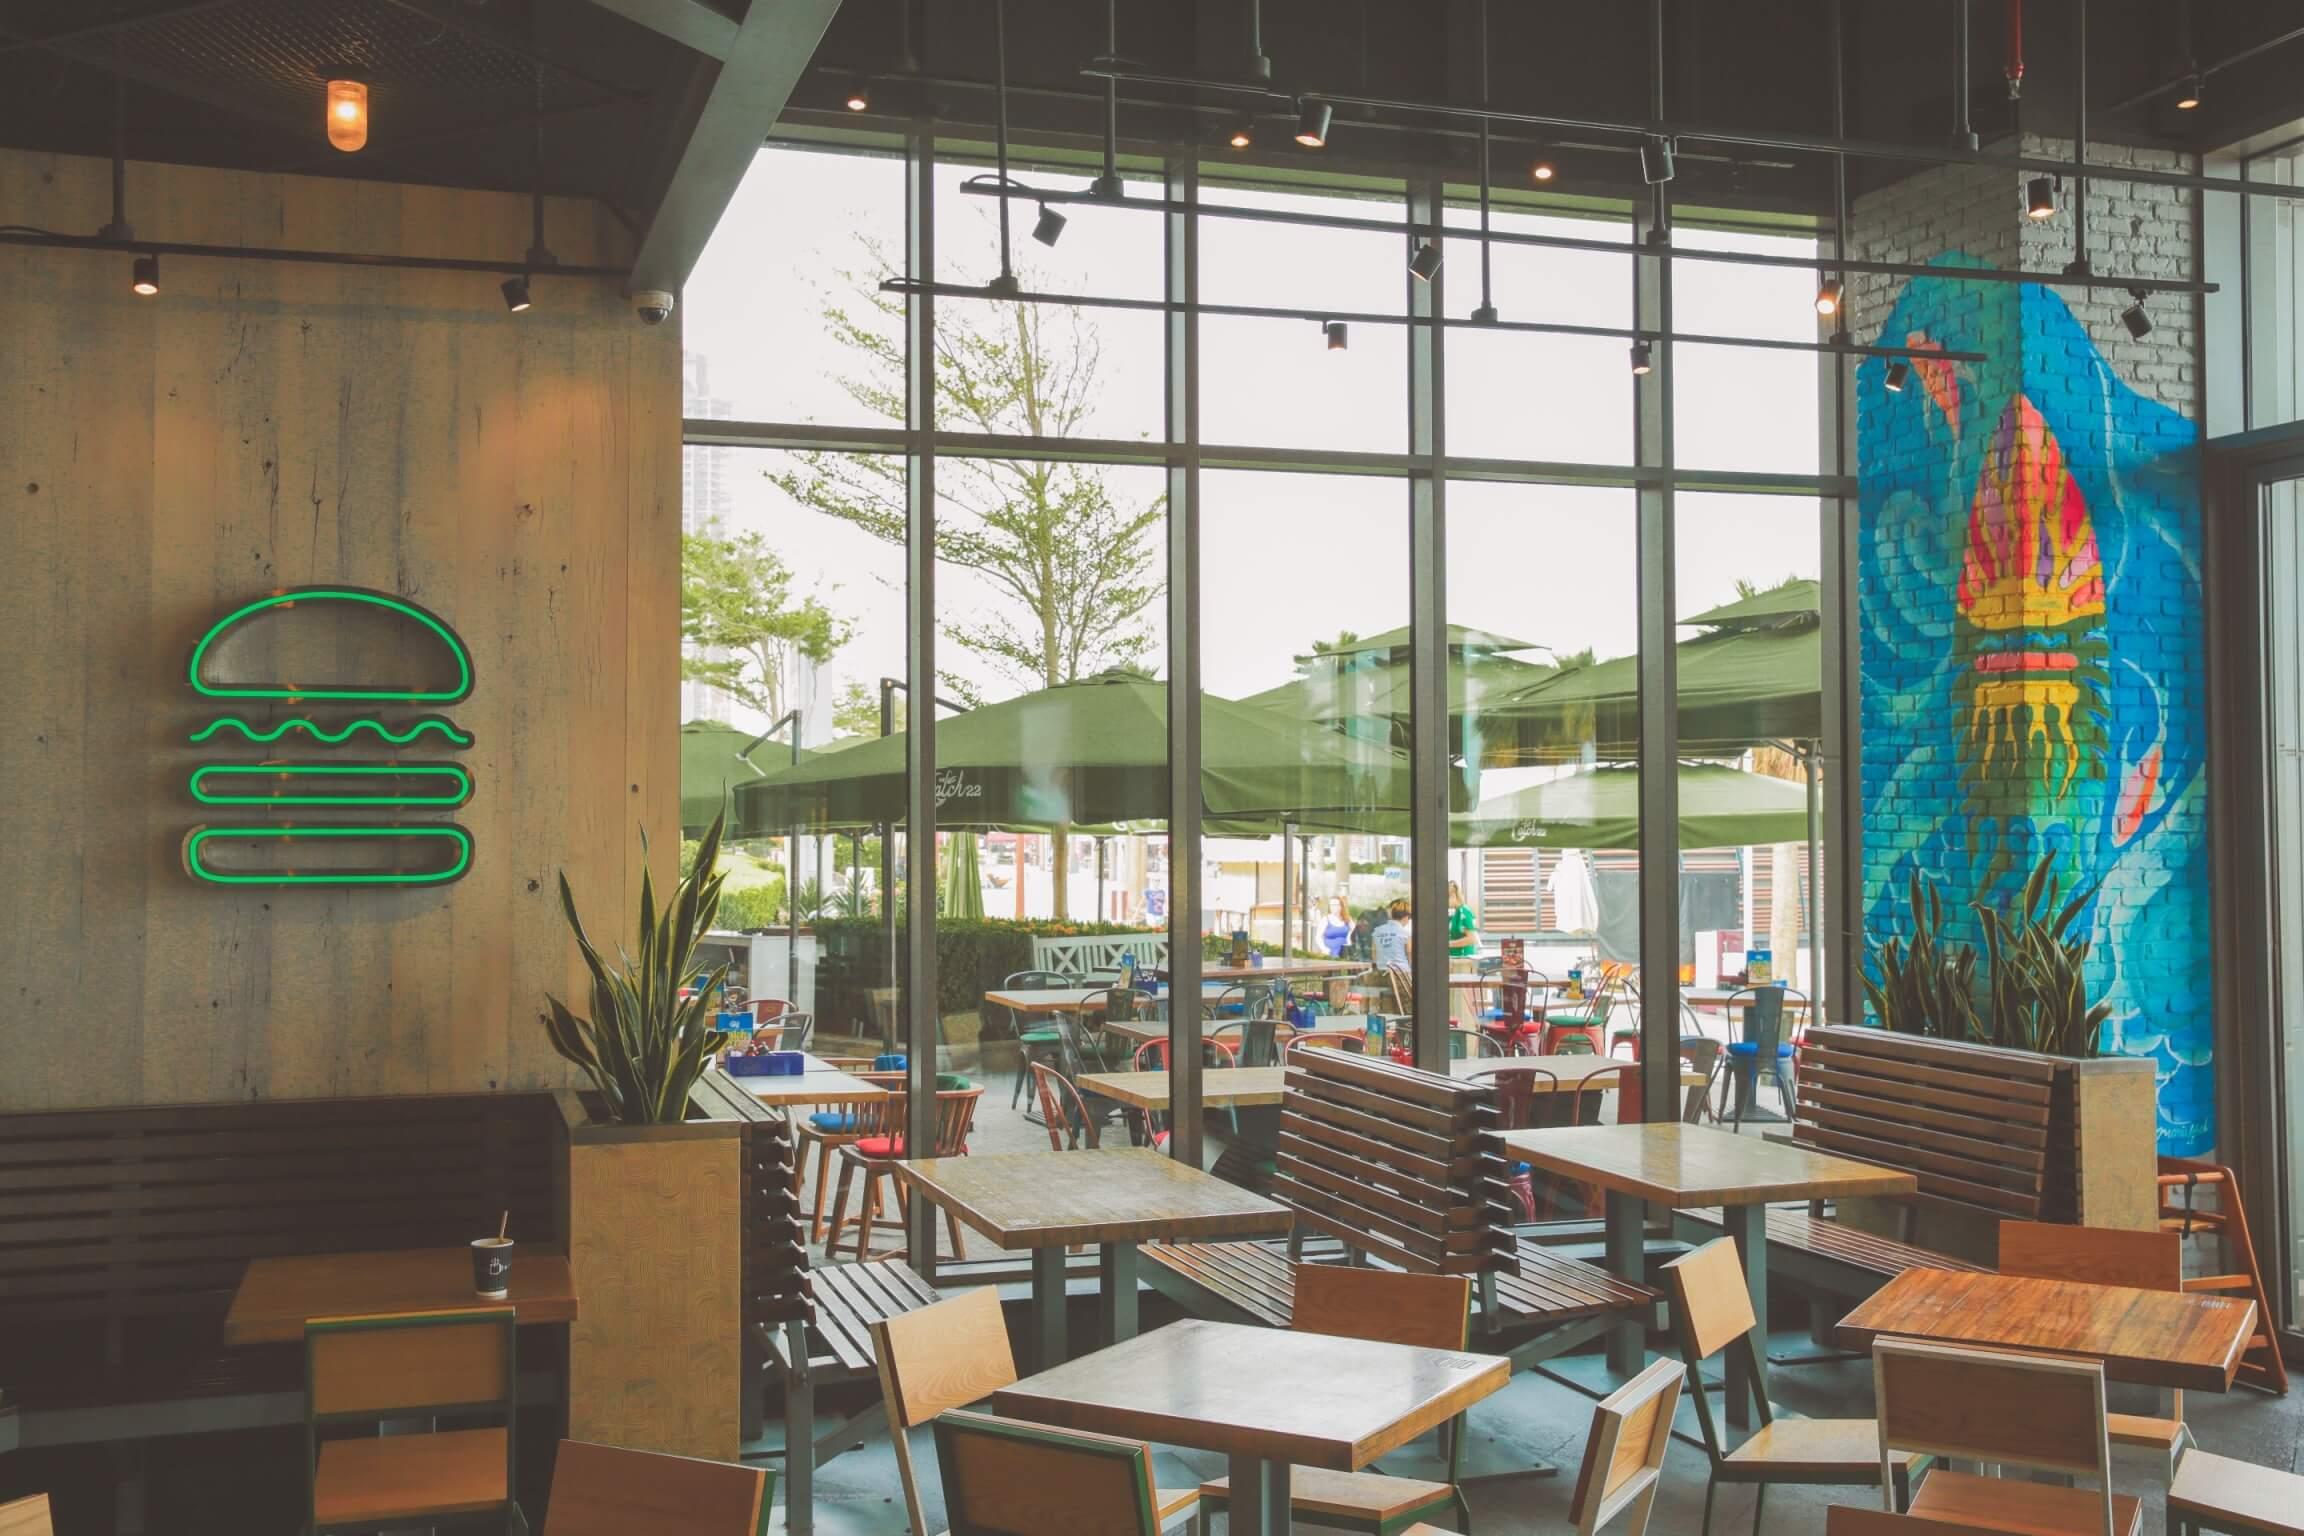 مطعم شيك شاك يتعاون مع فنانيين تشكيليين محليين لتحويل فروعه الى أماكن إبداعية